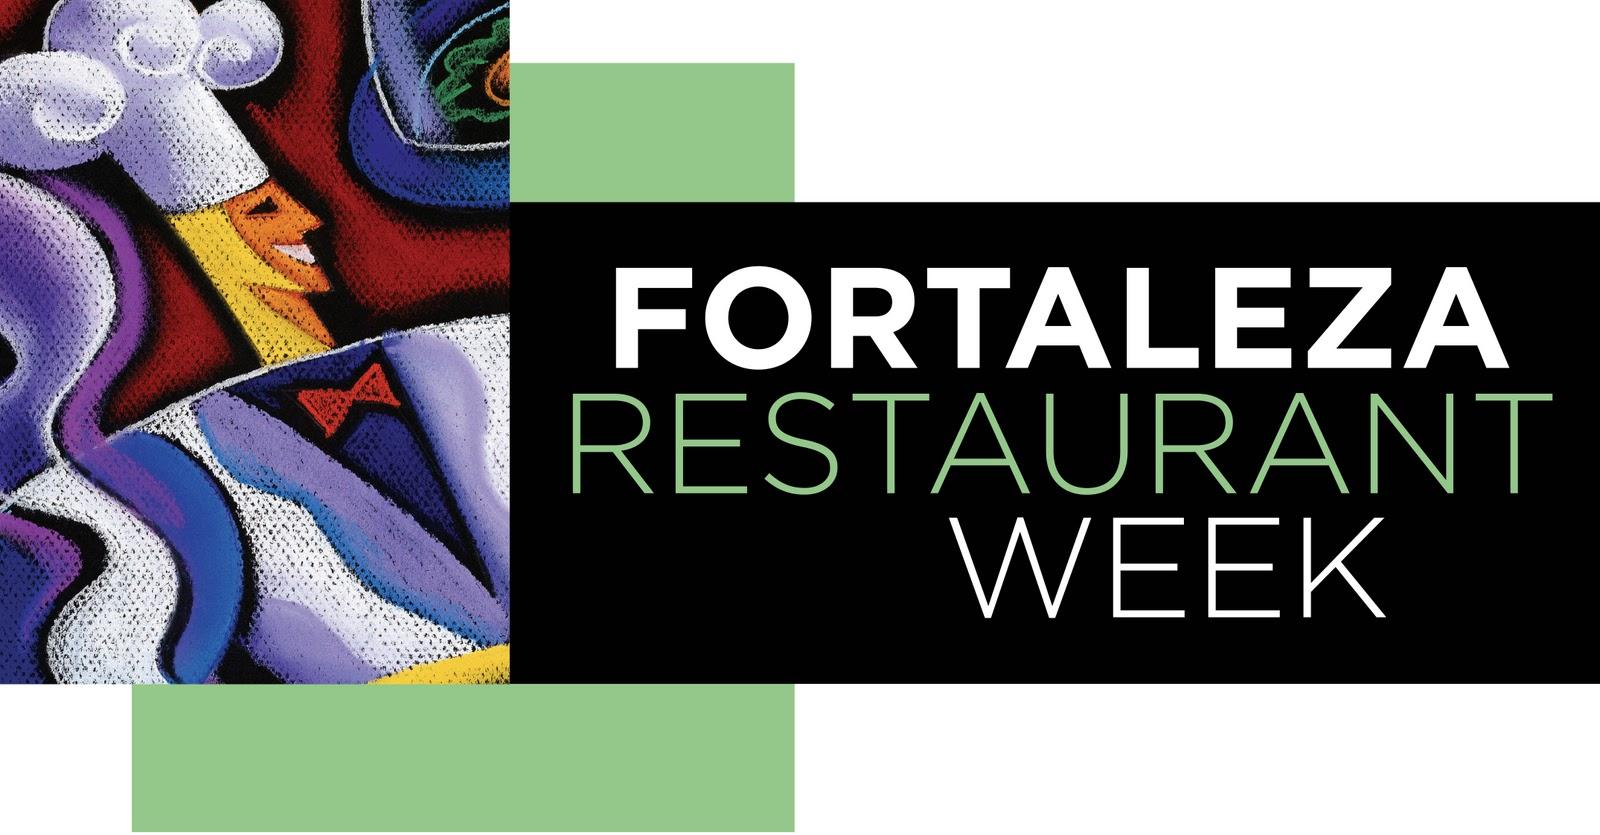 Fortaleza restaurant week